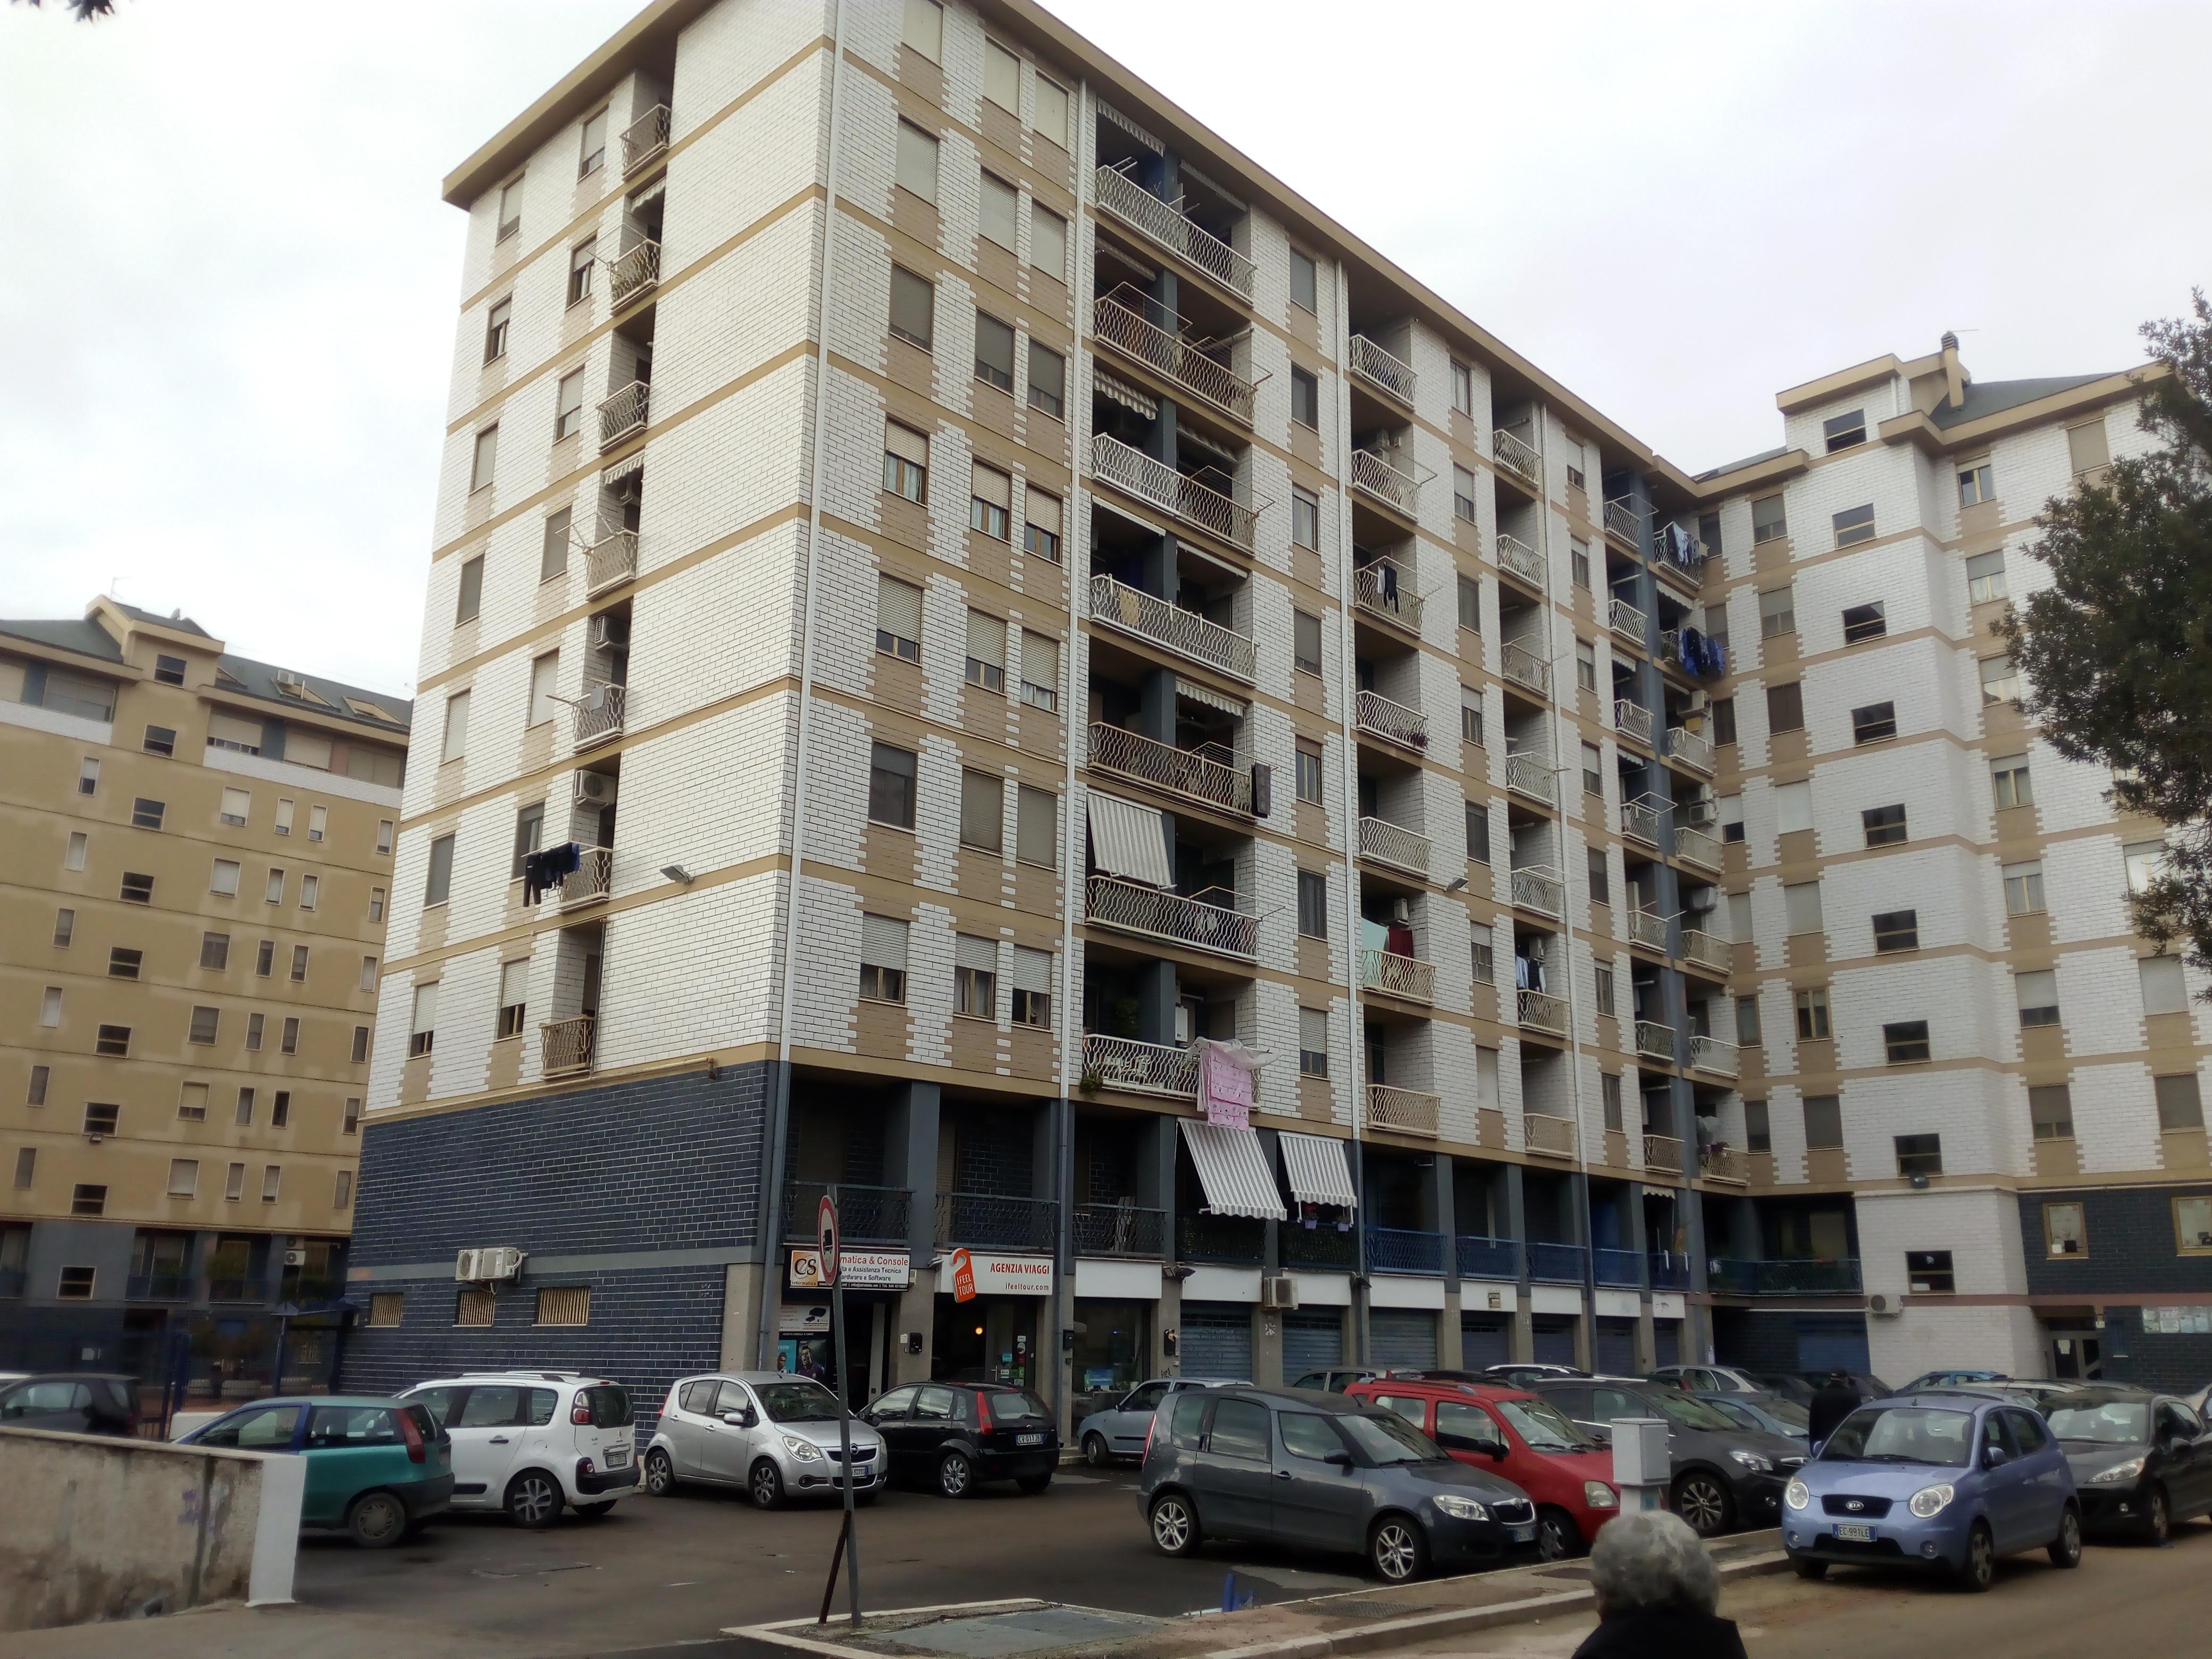 Appartamenti in vendita a Foggia-Via benedetto Croce appartamento mansardato di 3 vani accessori